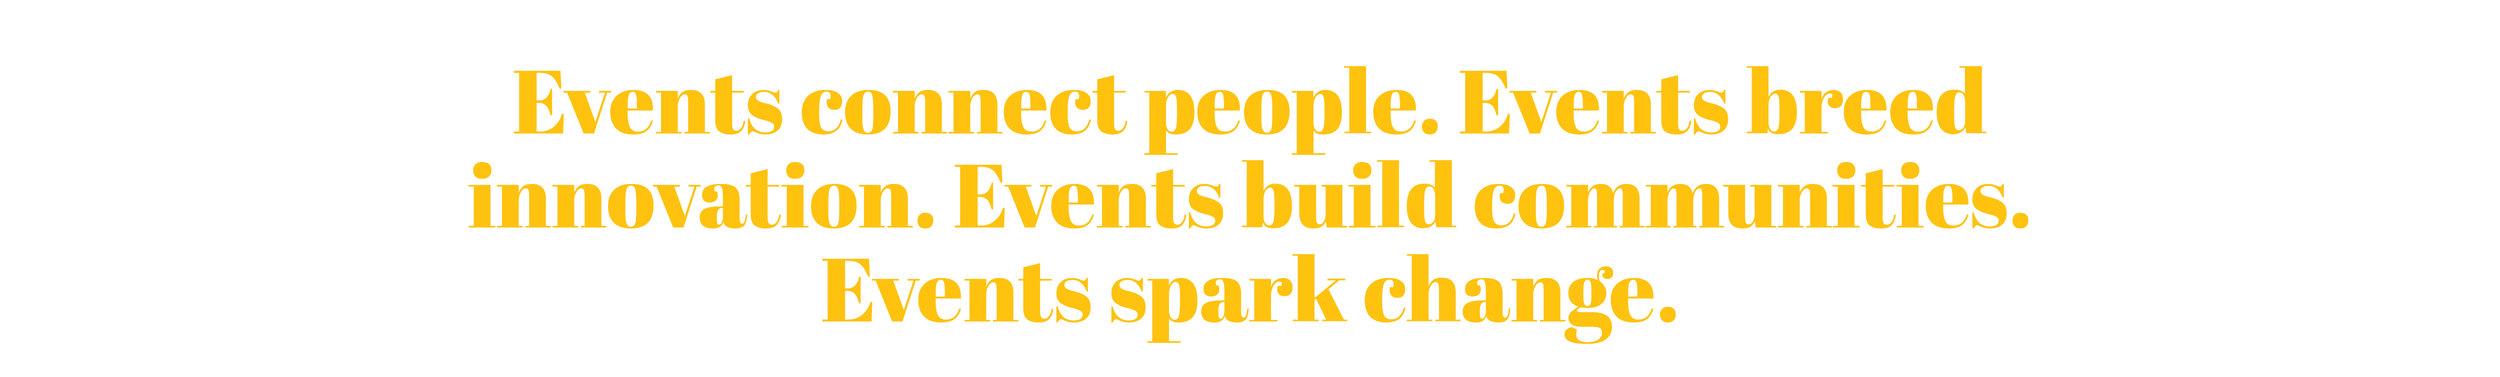 Spark Website_Events_Image.jpg